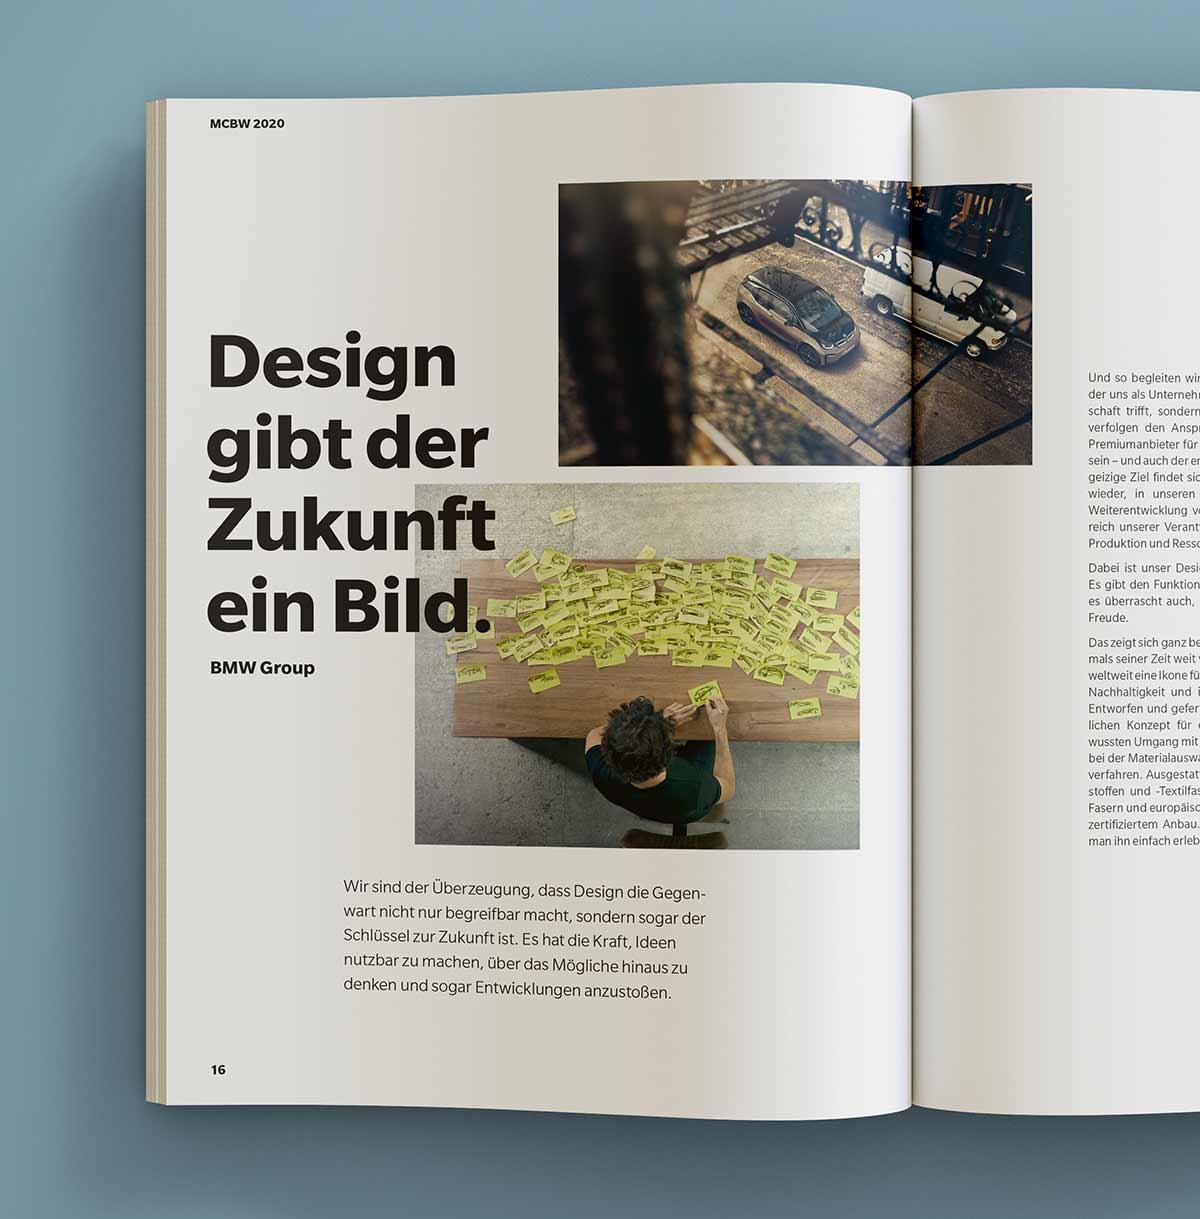 Design gibt der Zukunft ein Bild - Illustration und Grafik Design c-c-design.de